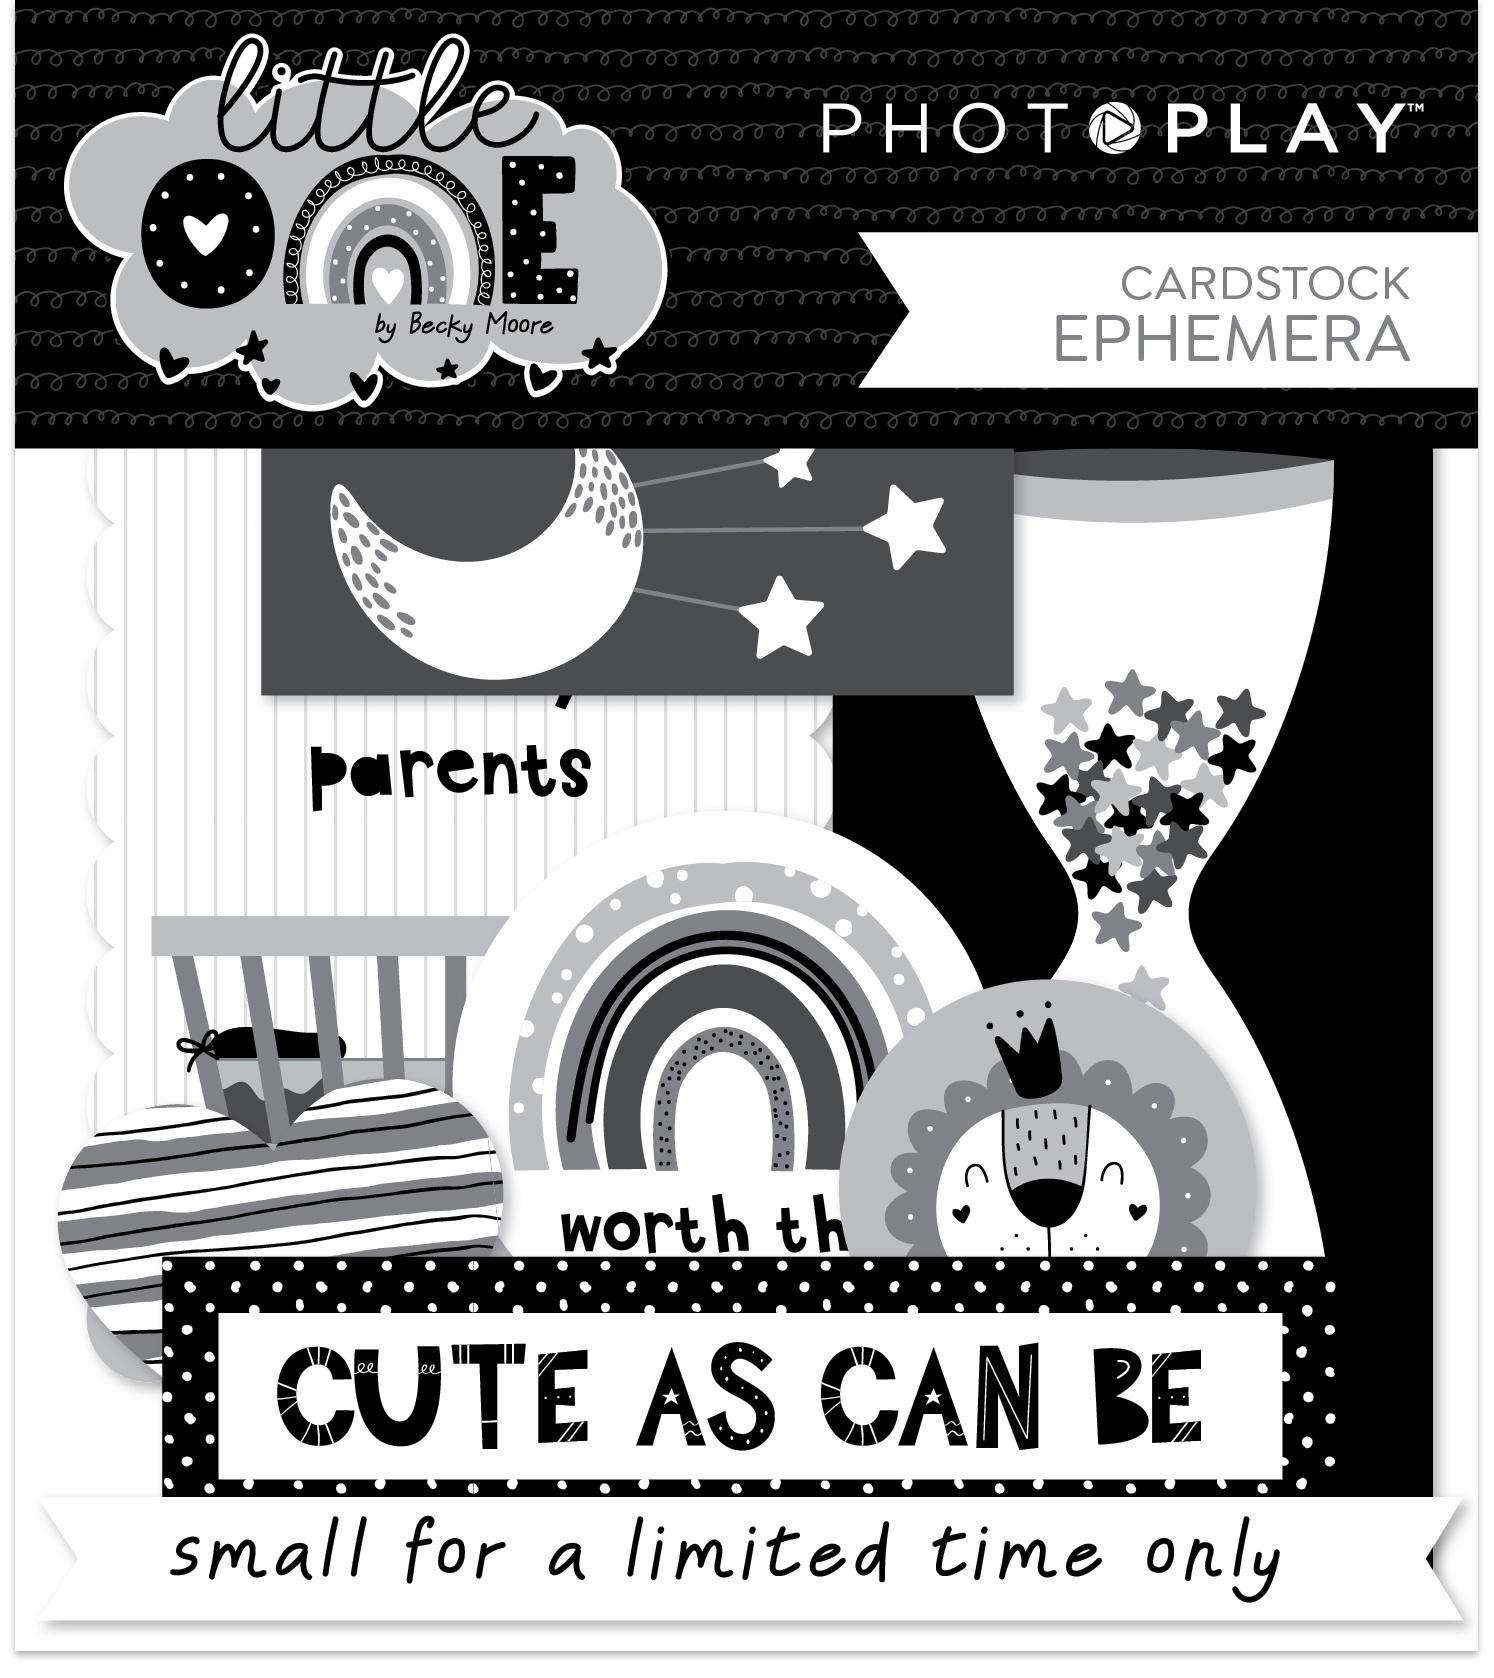 PhotoPlay - Little One - Ephemera Cardstock Die-Cuts